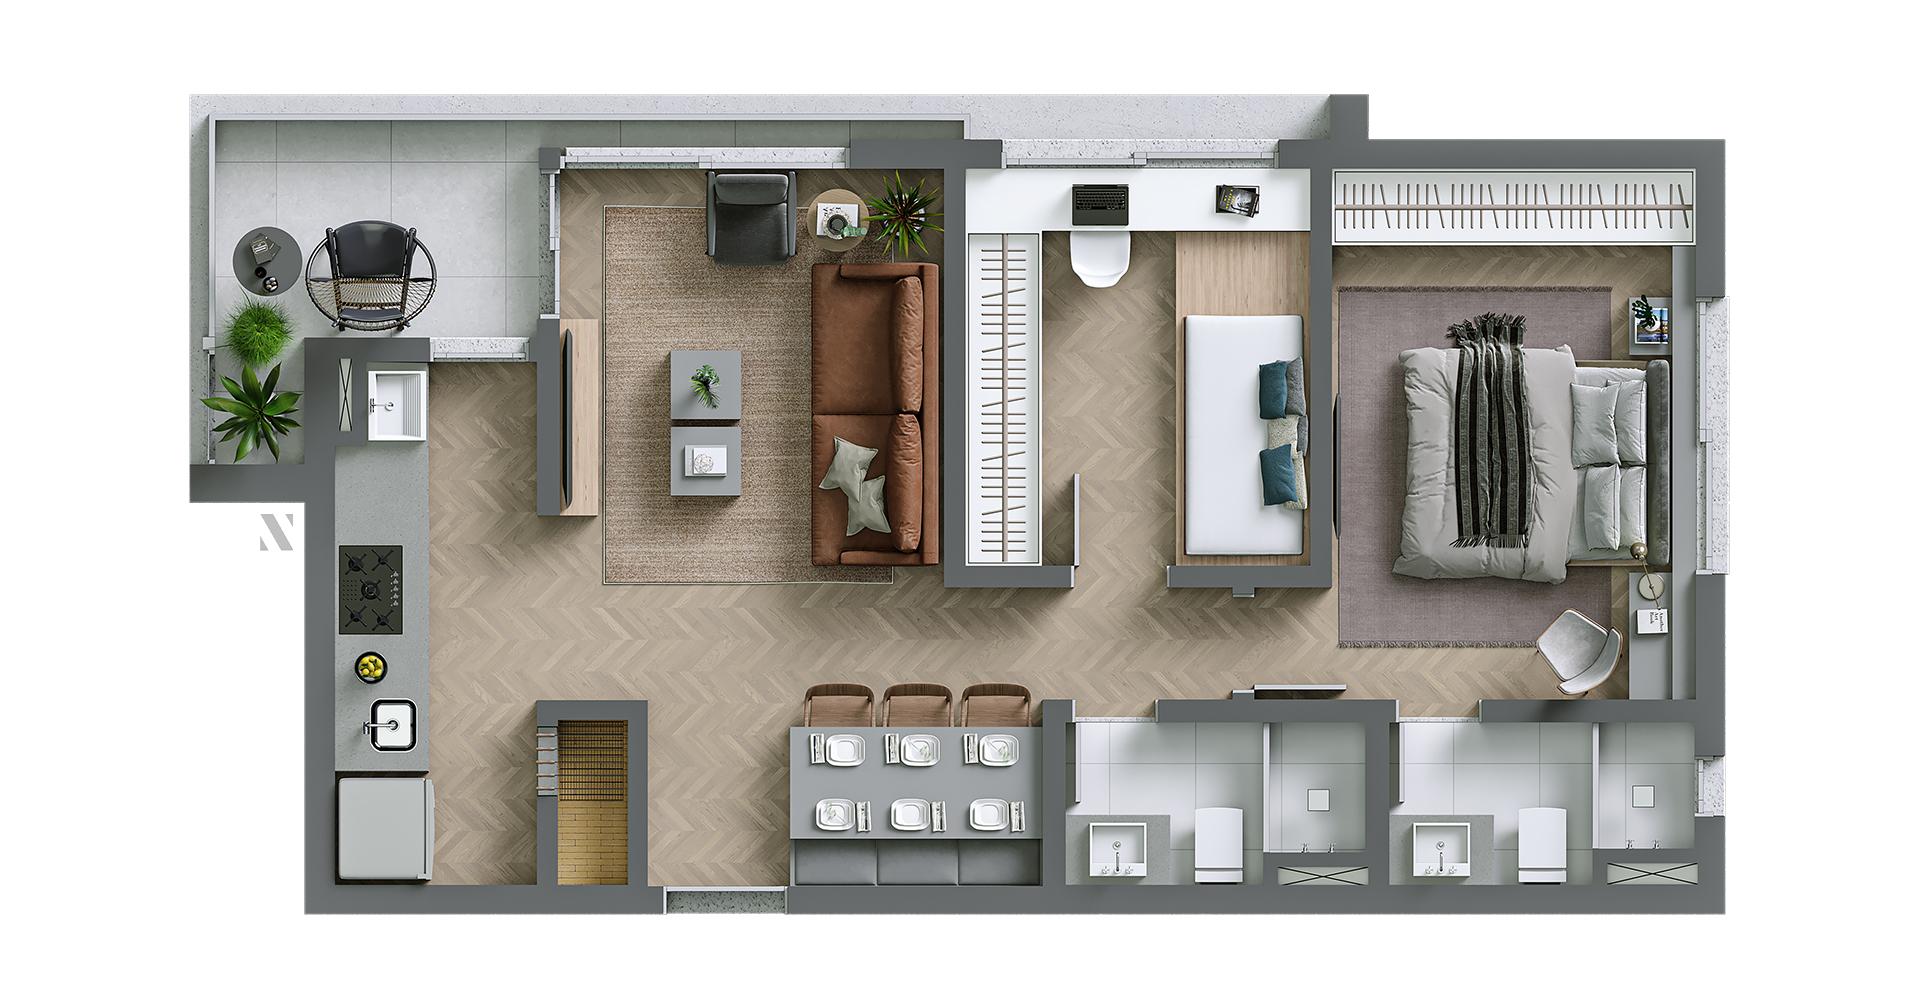 Vida planta: Apartamento 04 - 72,50 m²